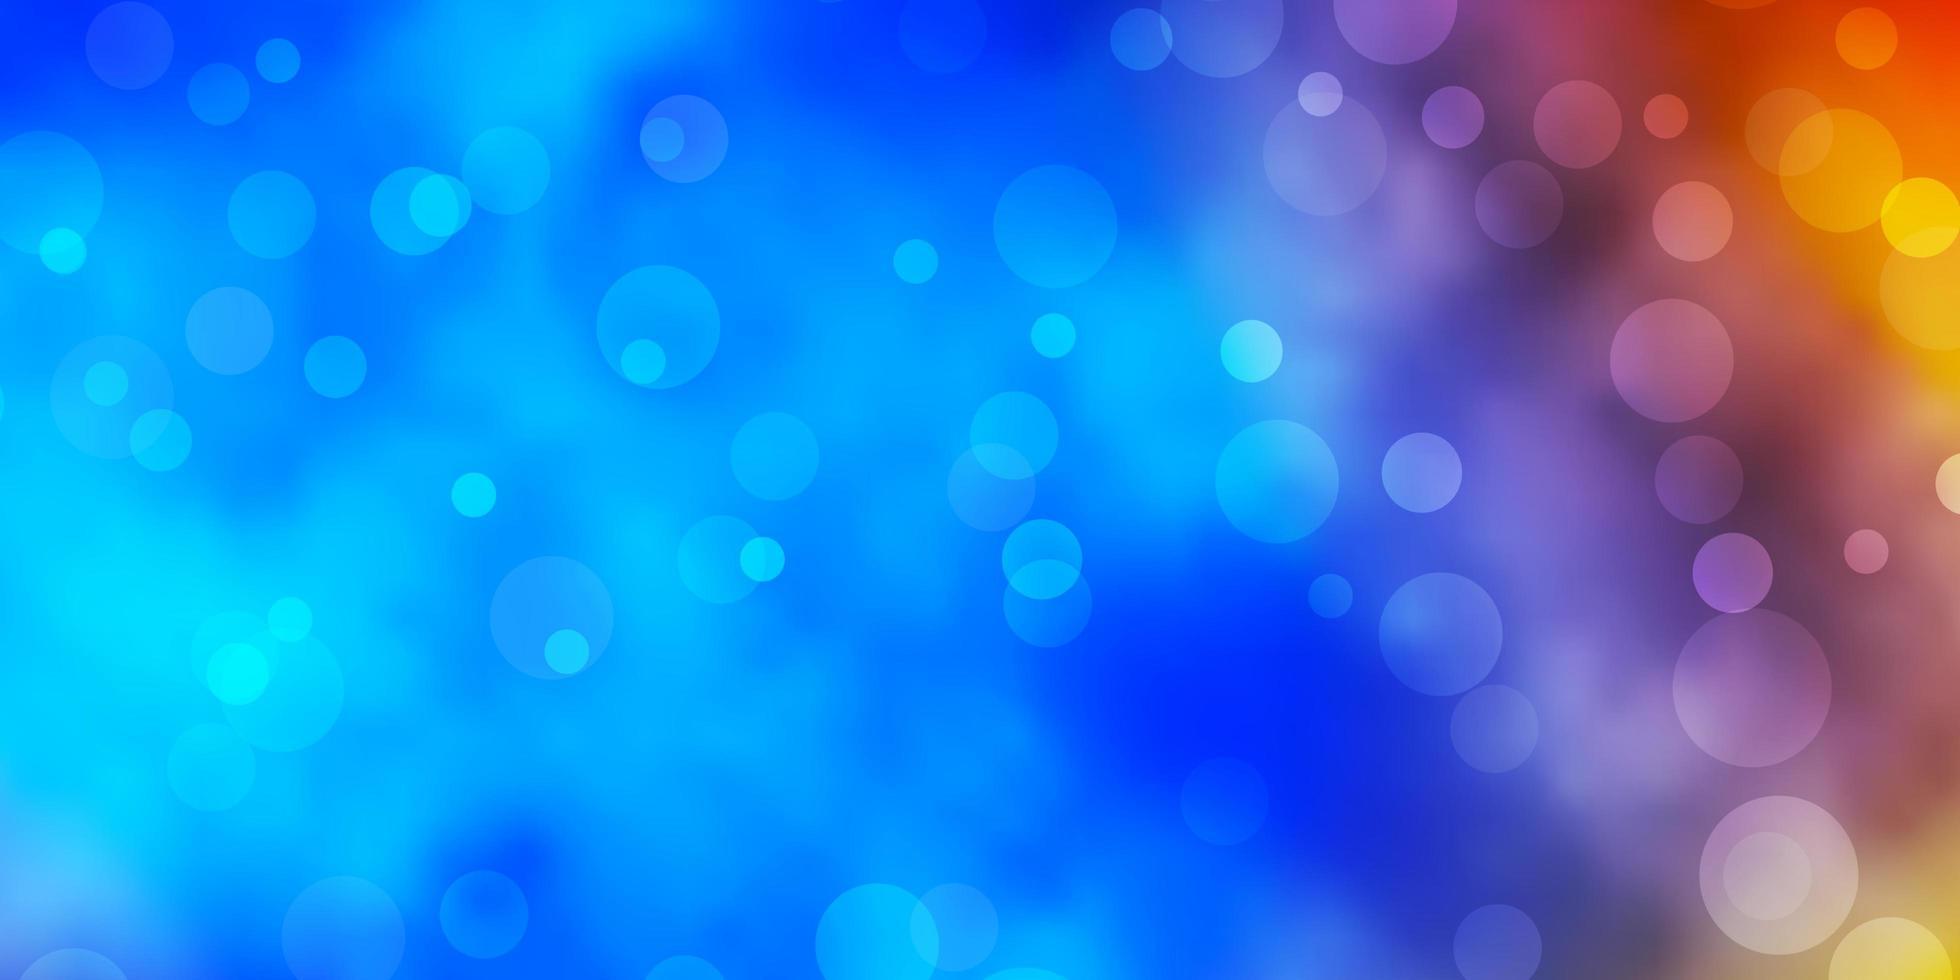 modelo de vetor azul e amarelo claro com círculos.